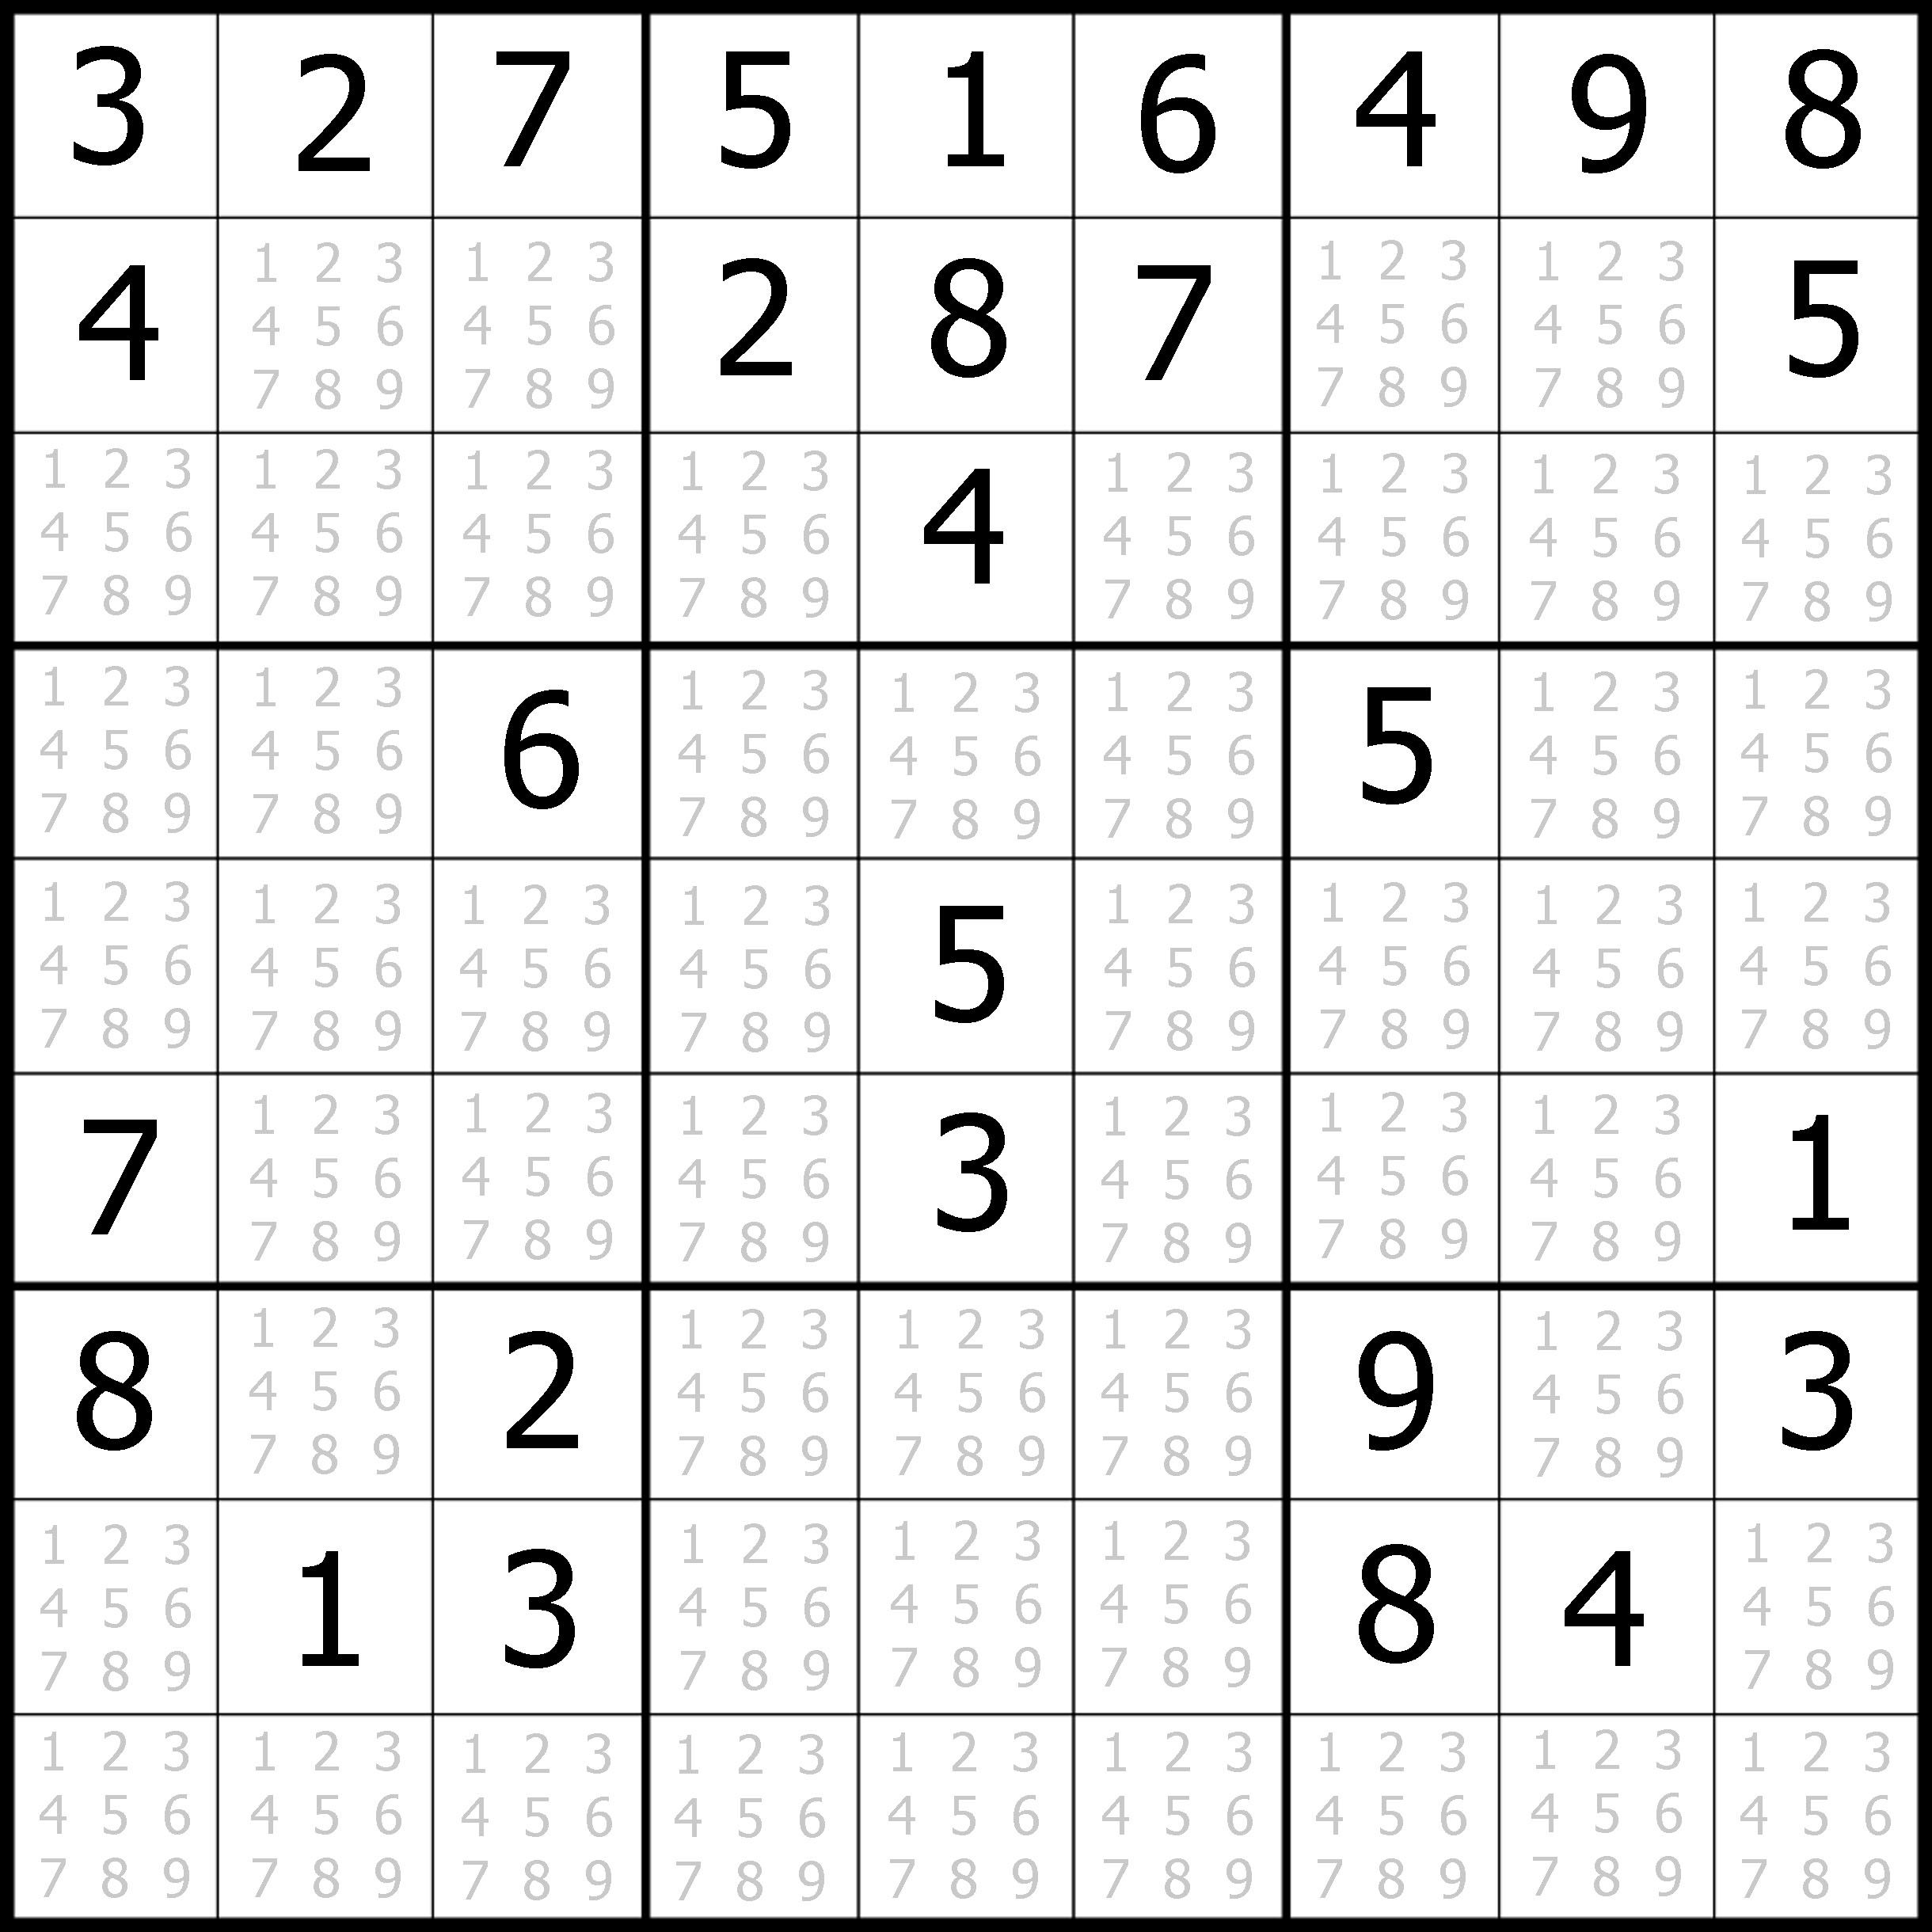 Sudoku Printable | Free, Medium, Printable Sudoku Puzzle #1 | My - Printable Sudoku Puzzles 16X16 Free